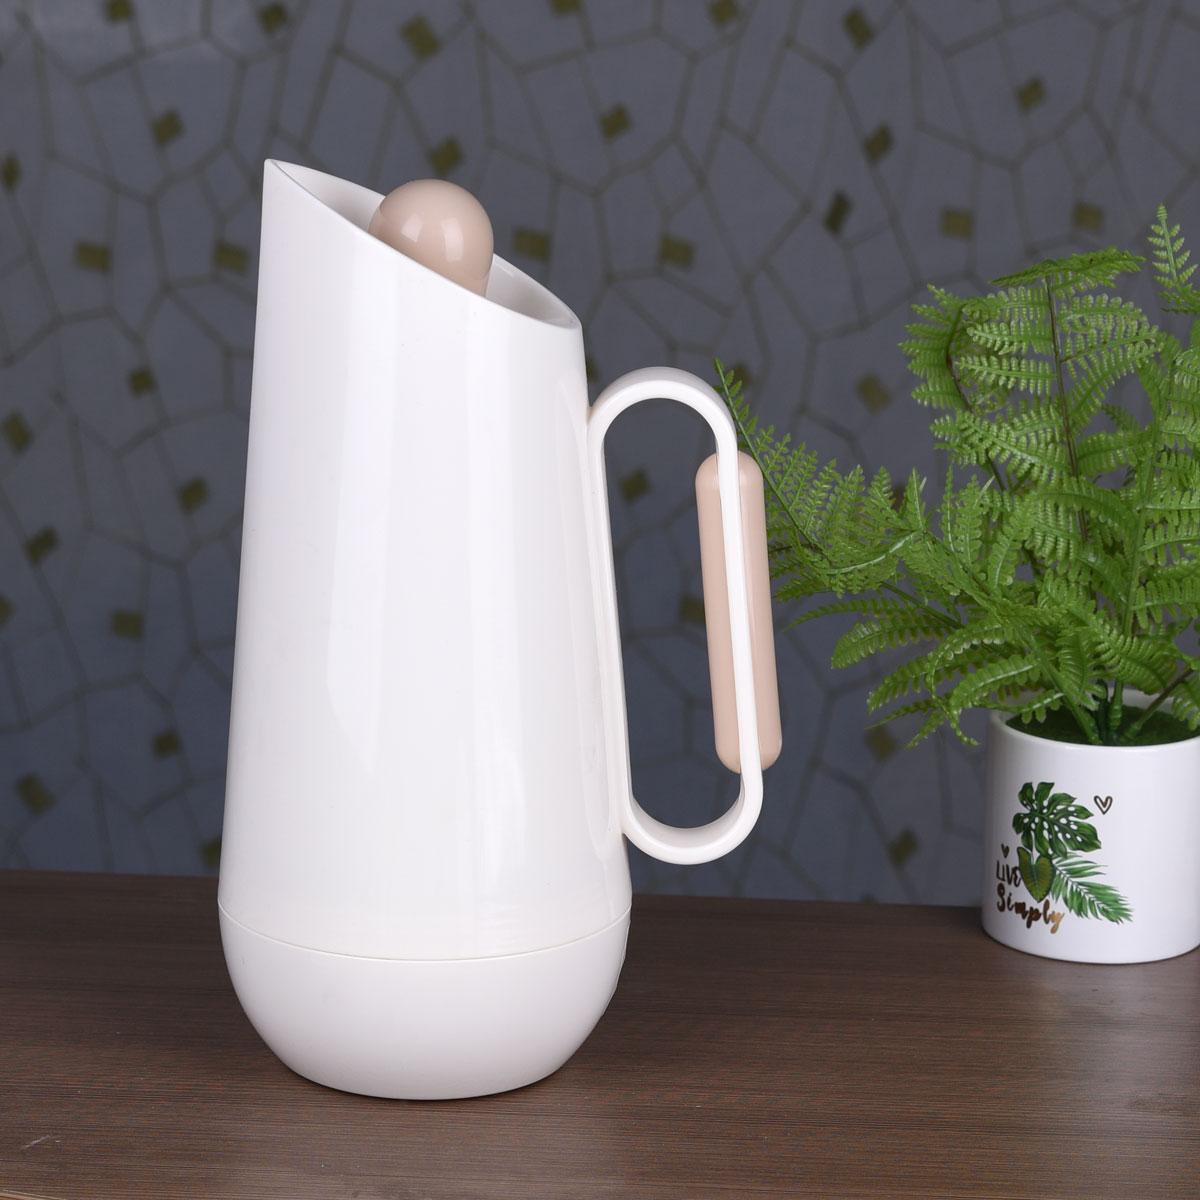 ترمس شاي وقهوة ديفا - Deva - مقاس 1.0لتر - رقم  K190491/CM